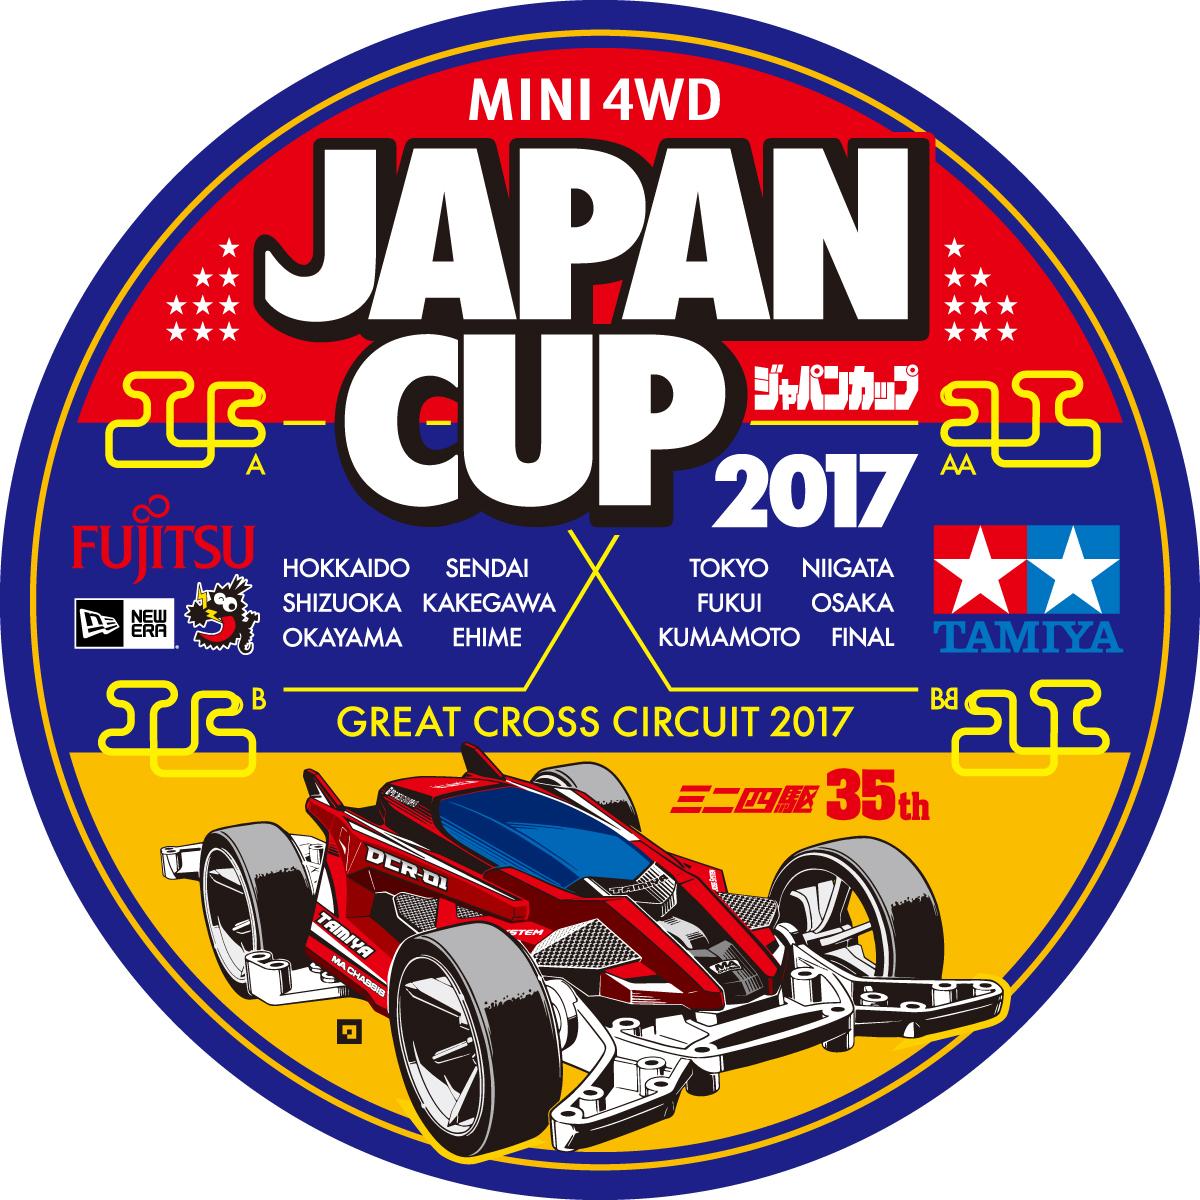 ジャパンカップ2017エンブレム